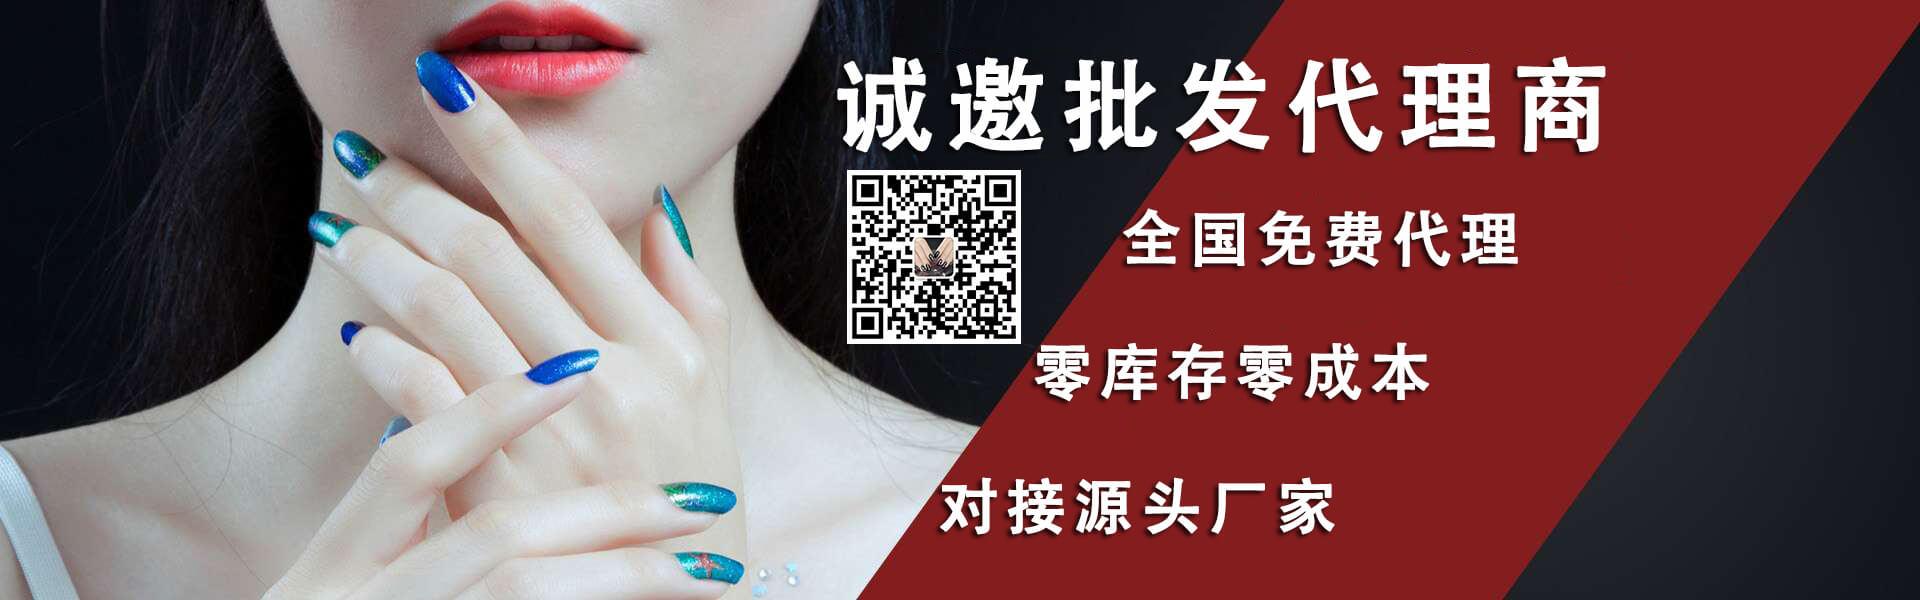 美甲图片2017新款式-广州美甲贴生产厂家